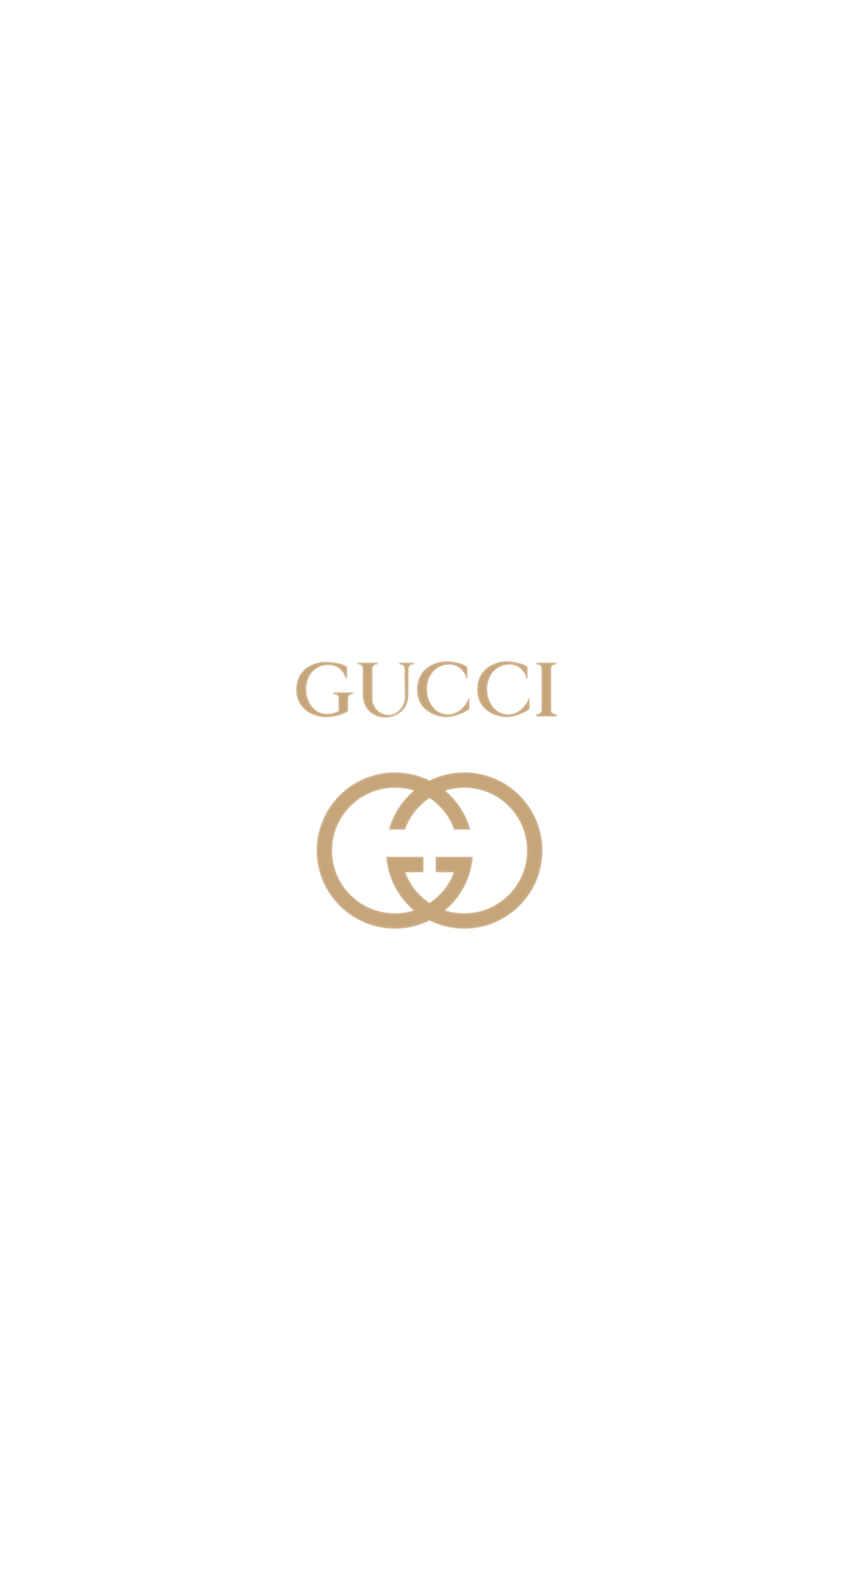 gucci4